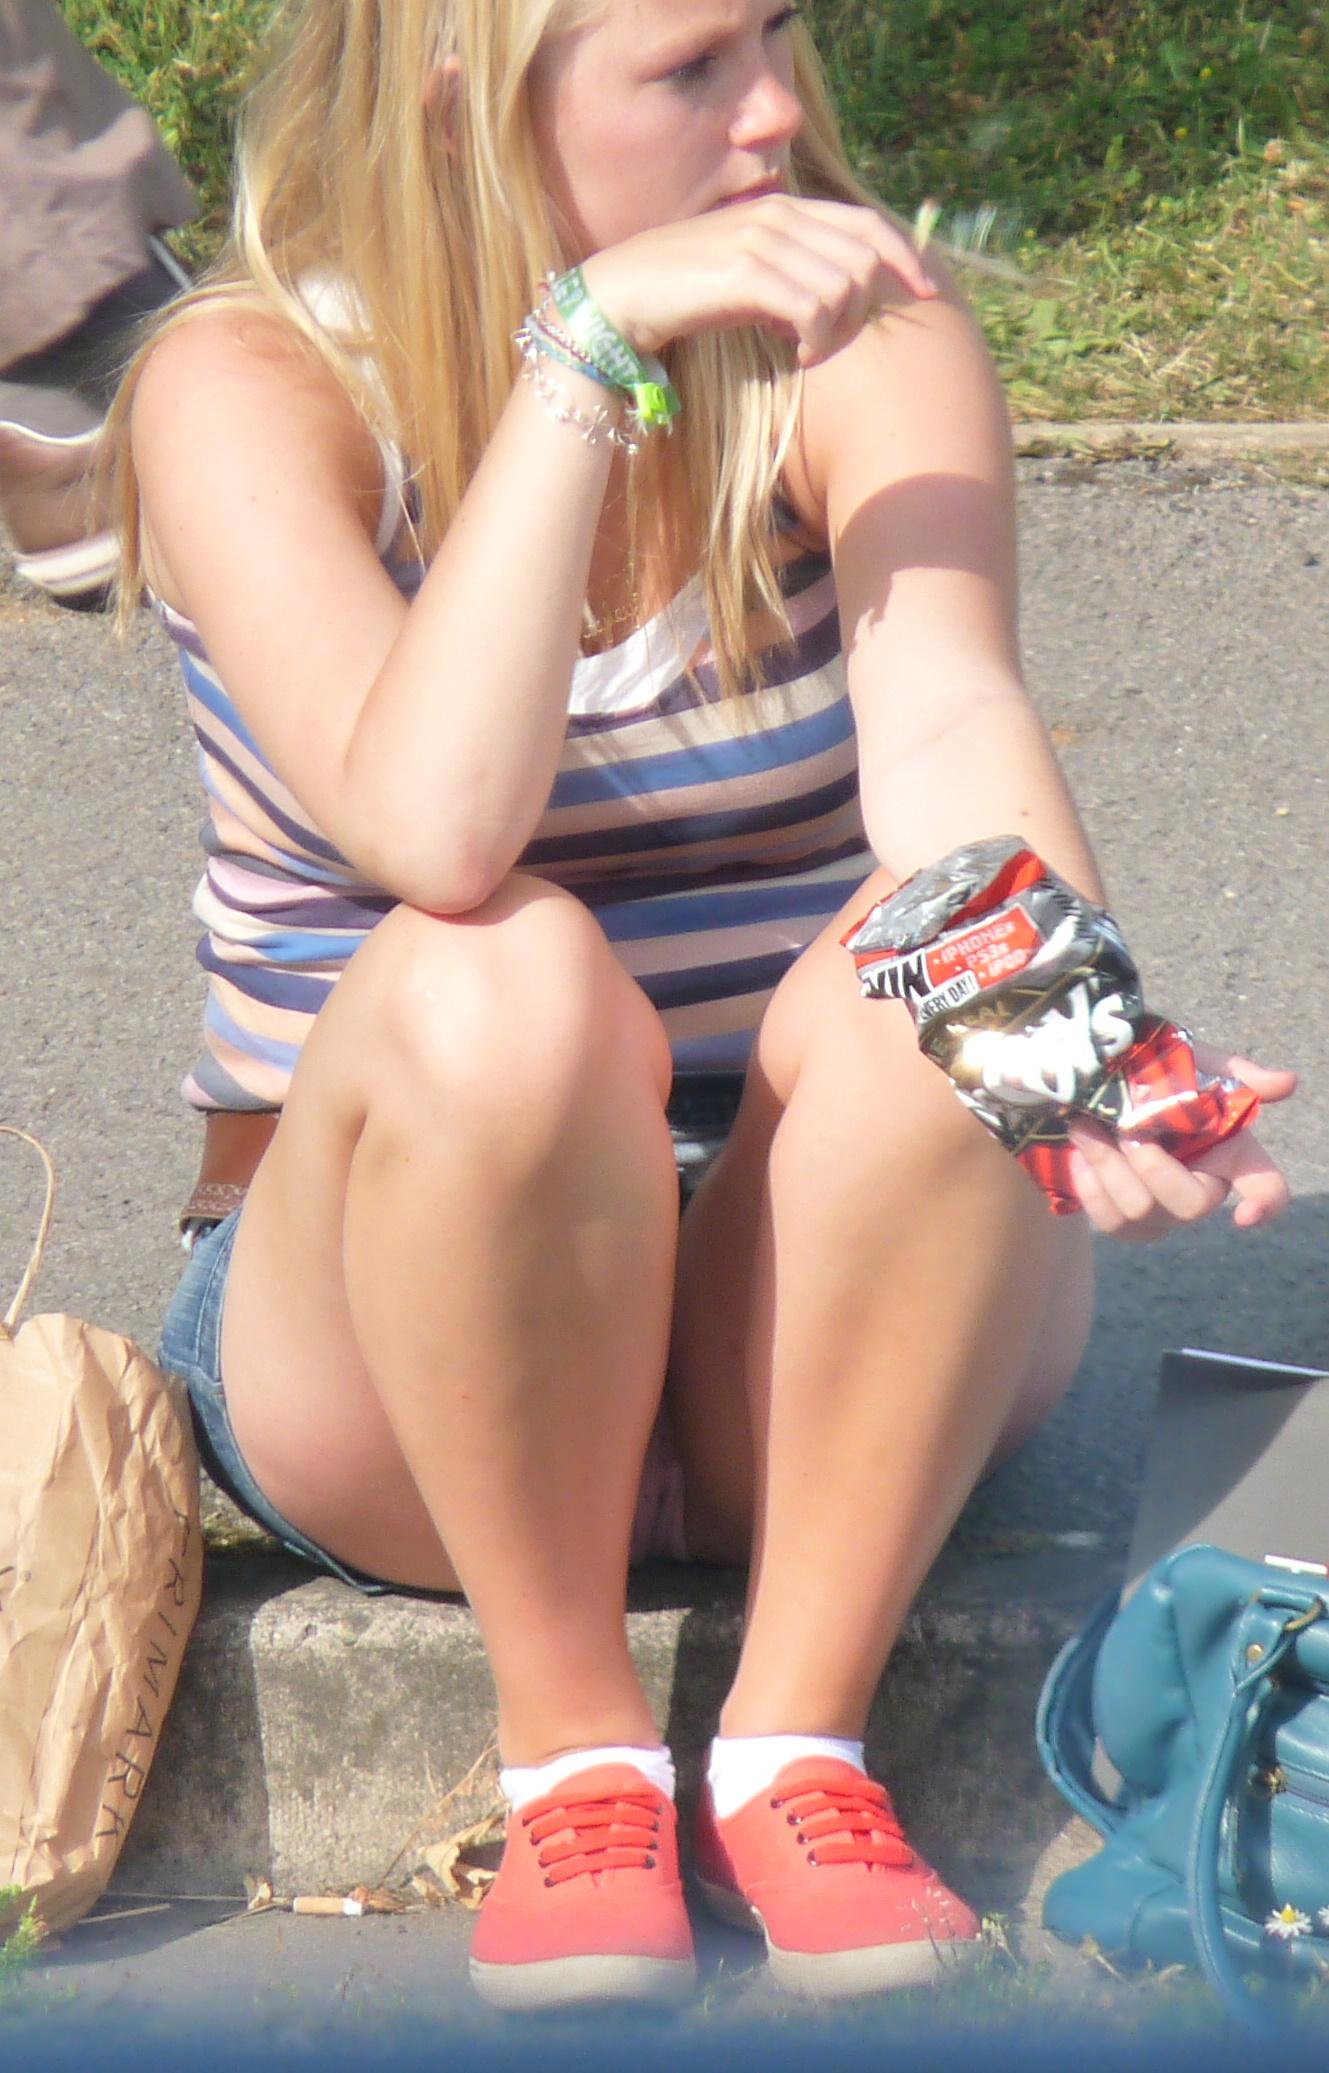 Блондинка в джинсовой мини-юбке засветила розовые трусики